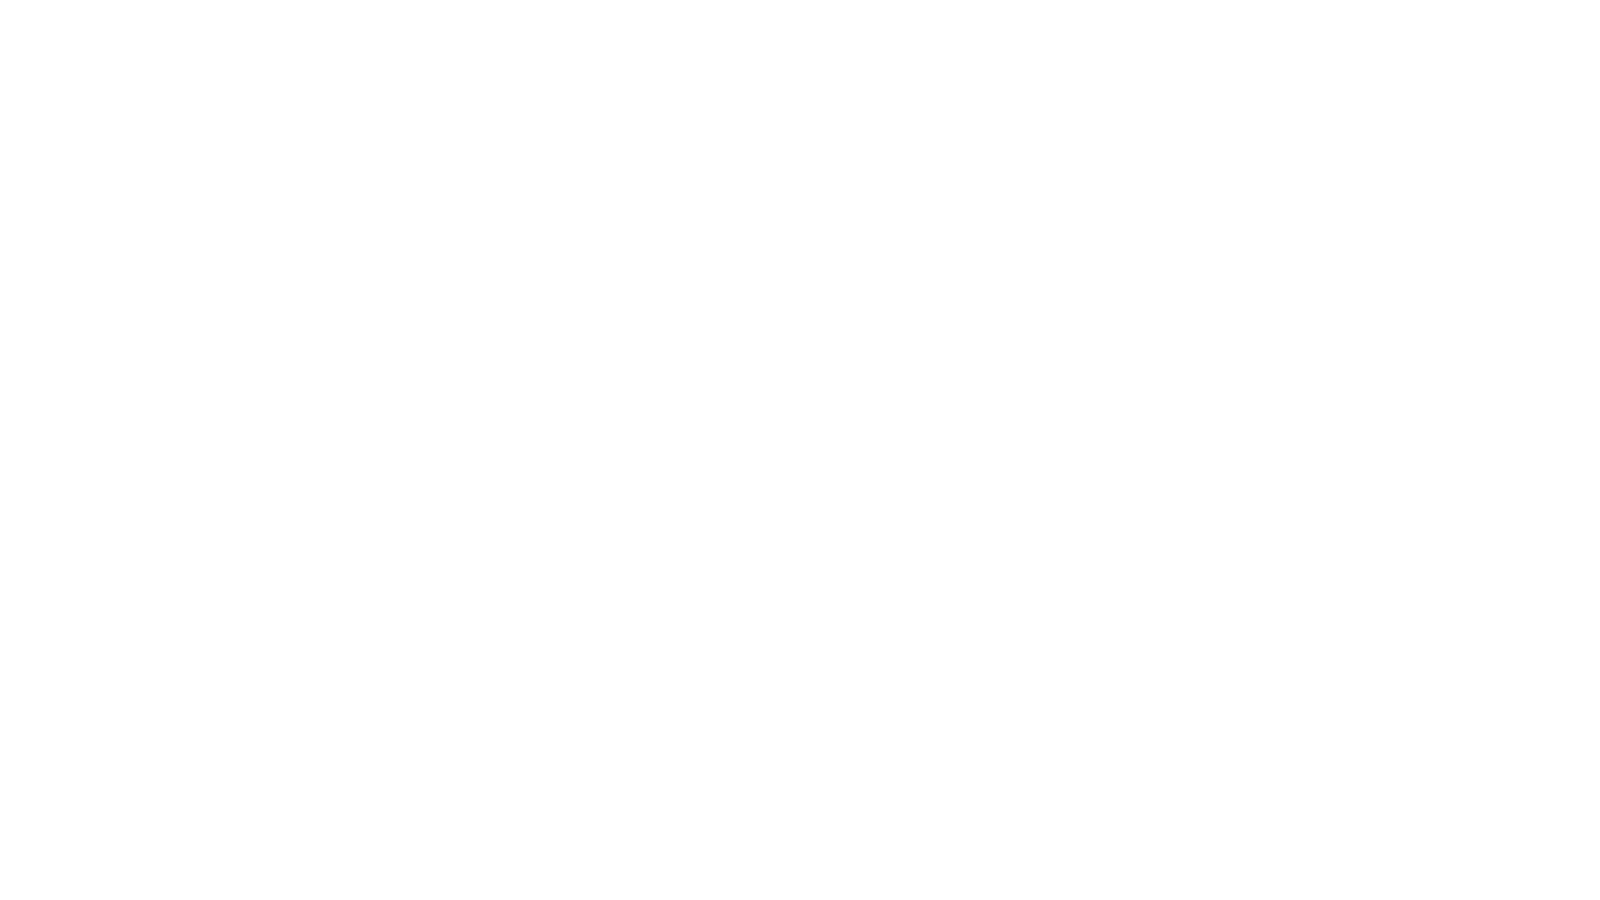 """Agenda: https://www.elearning-journal.com/est2020-kongress-ludwigsburg/  Bei der Abschlussveranstaltung versammeln wir uns unter dem Claim """"Wissenschaft trifft Praxis"""" und schließen die Lücke zwischen dem theoretisch möglichen und den praktisch umsetzbaren, digitalen Möglichkeiten der betrieblichen Bildung und liefern konkrete Handlungsempfehlungen für Akteure.  Der Kongress in Stuttgart wird als WRAP-UP die Highlights der vergangenen Veranstaltungen aufgreifen und die praxisnah erarbeiteten Handlungsempfehlungen sichtbar machen."""